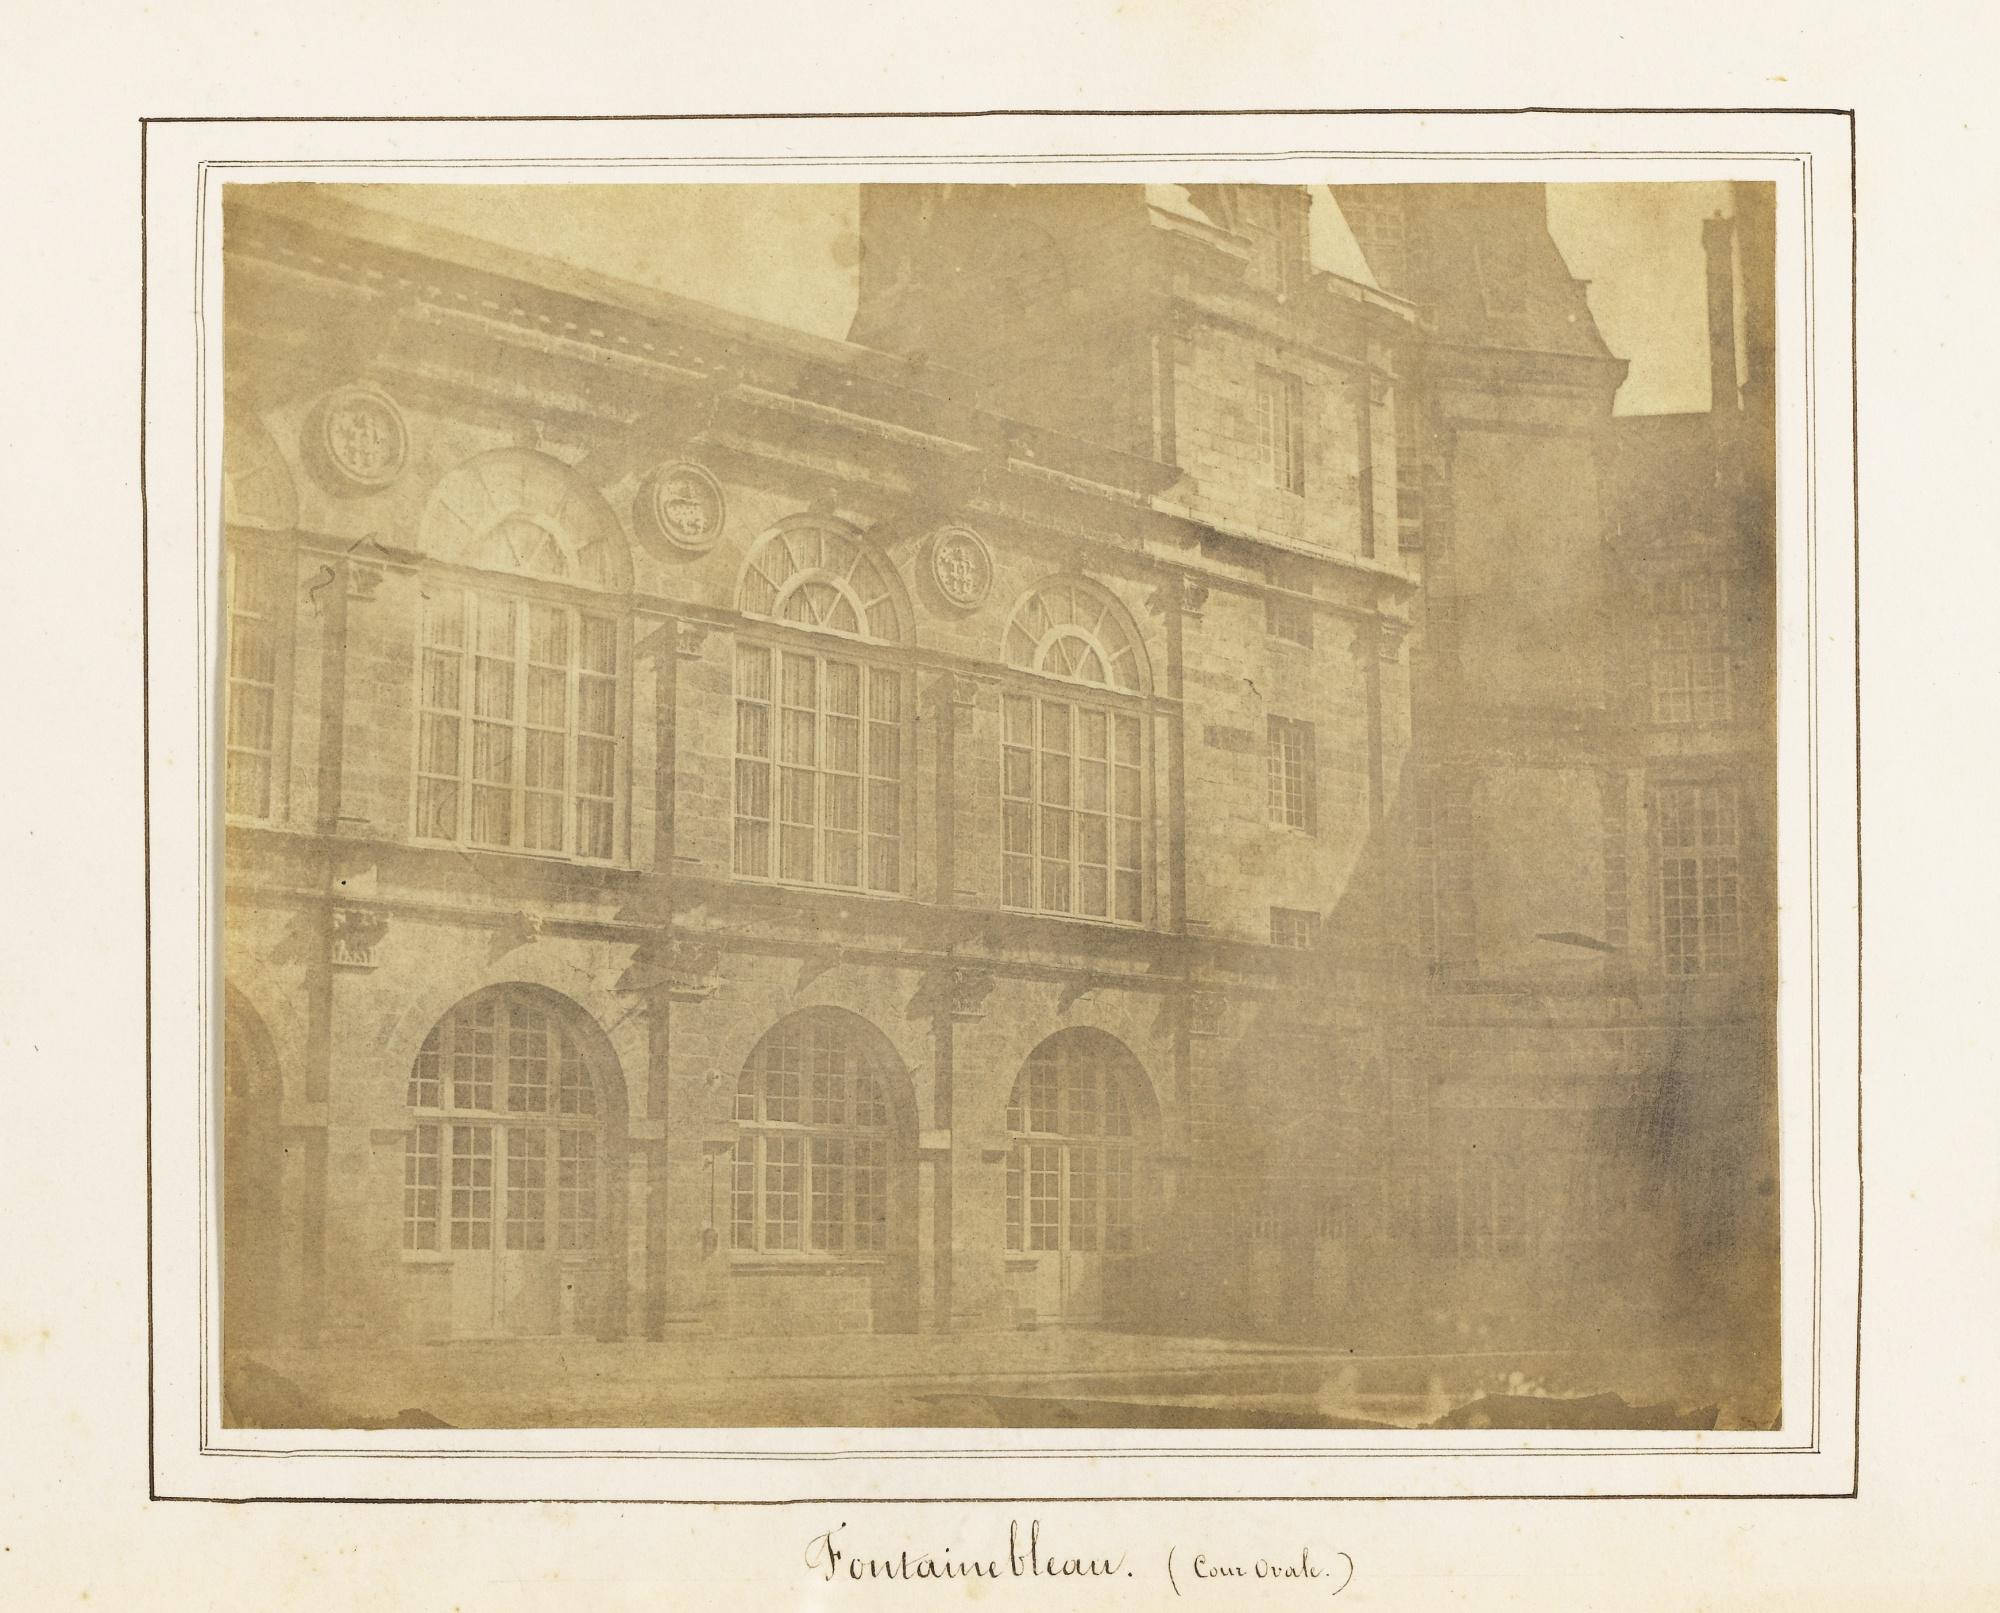 Marquis de Bassano-Nicolaas Henneman-Fontainebleau.(Cour Ovale)' Probablement Le 5 Juillet-1843